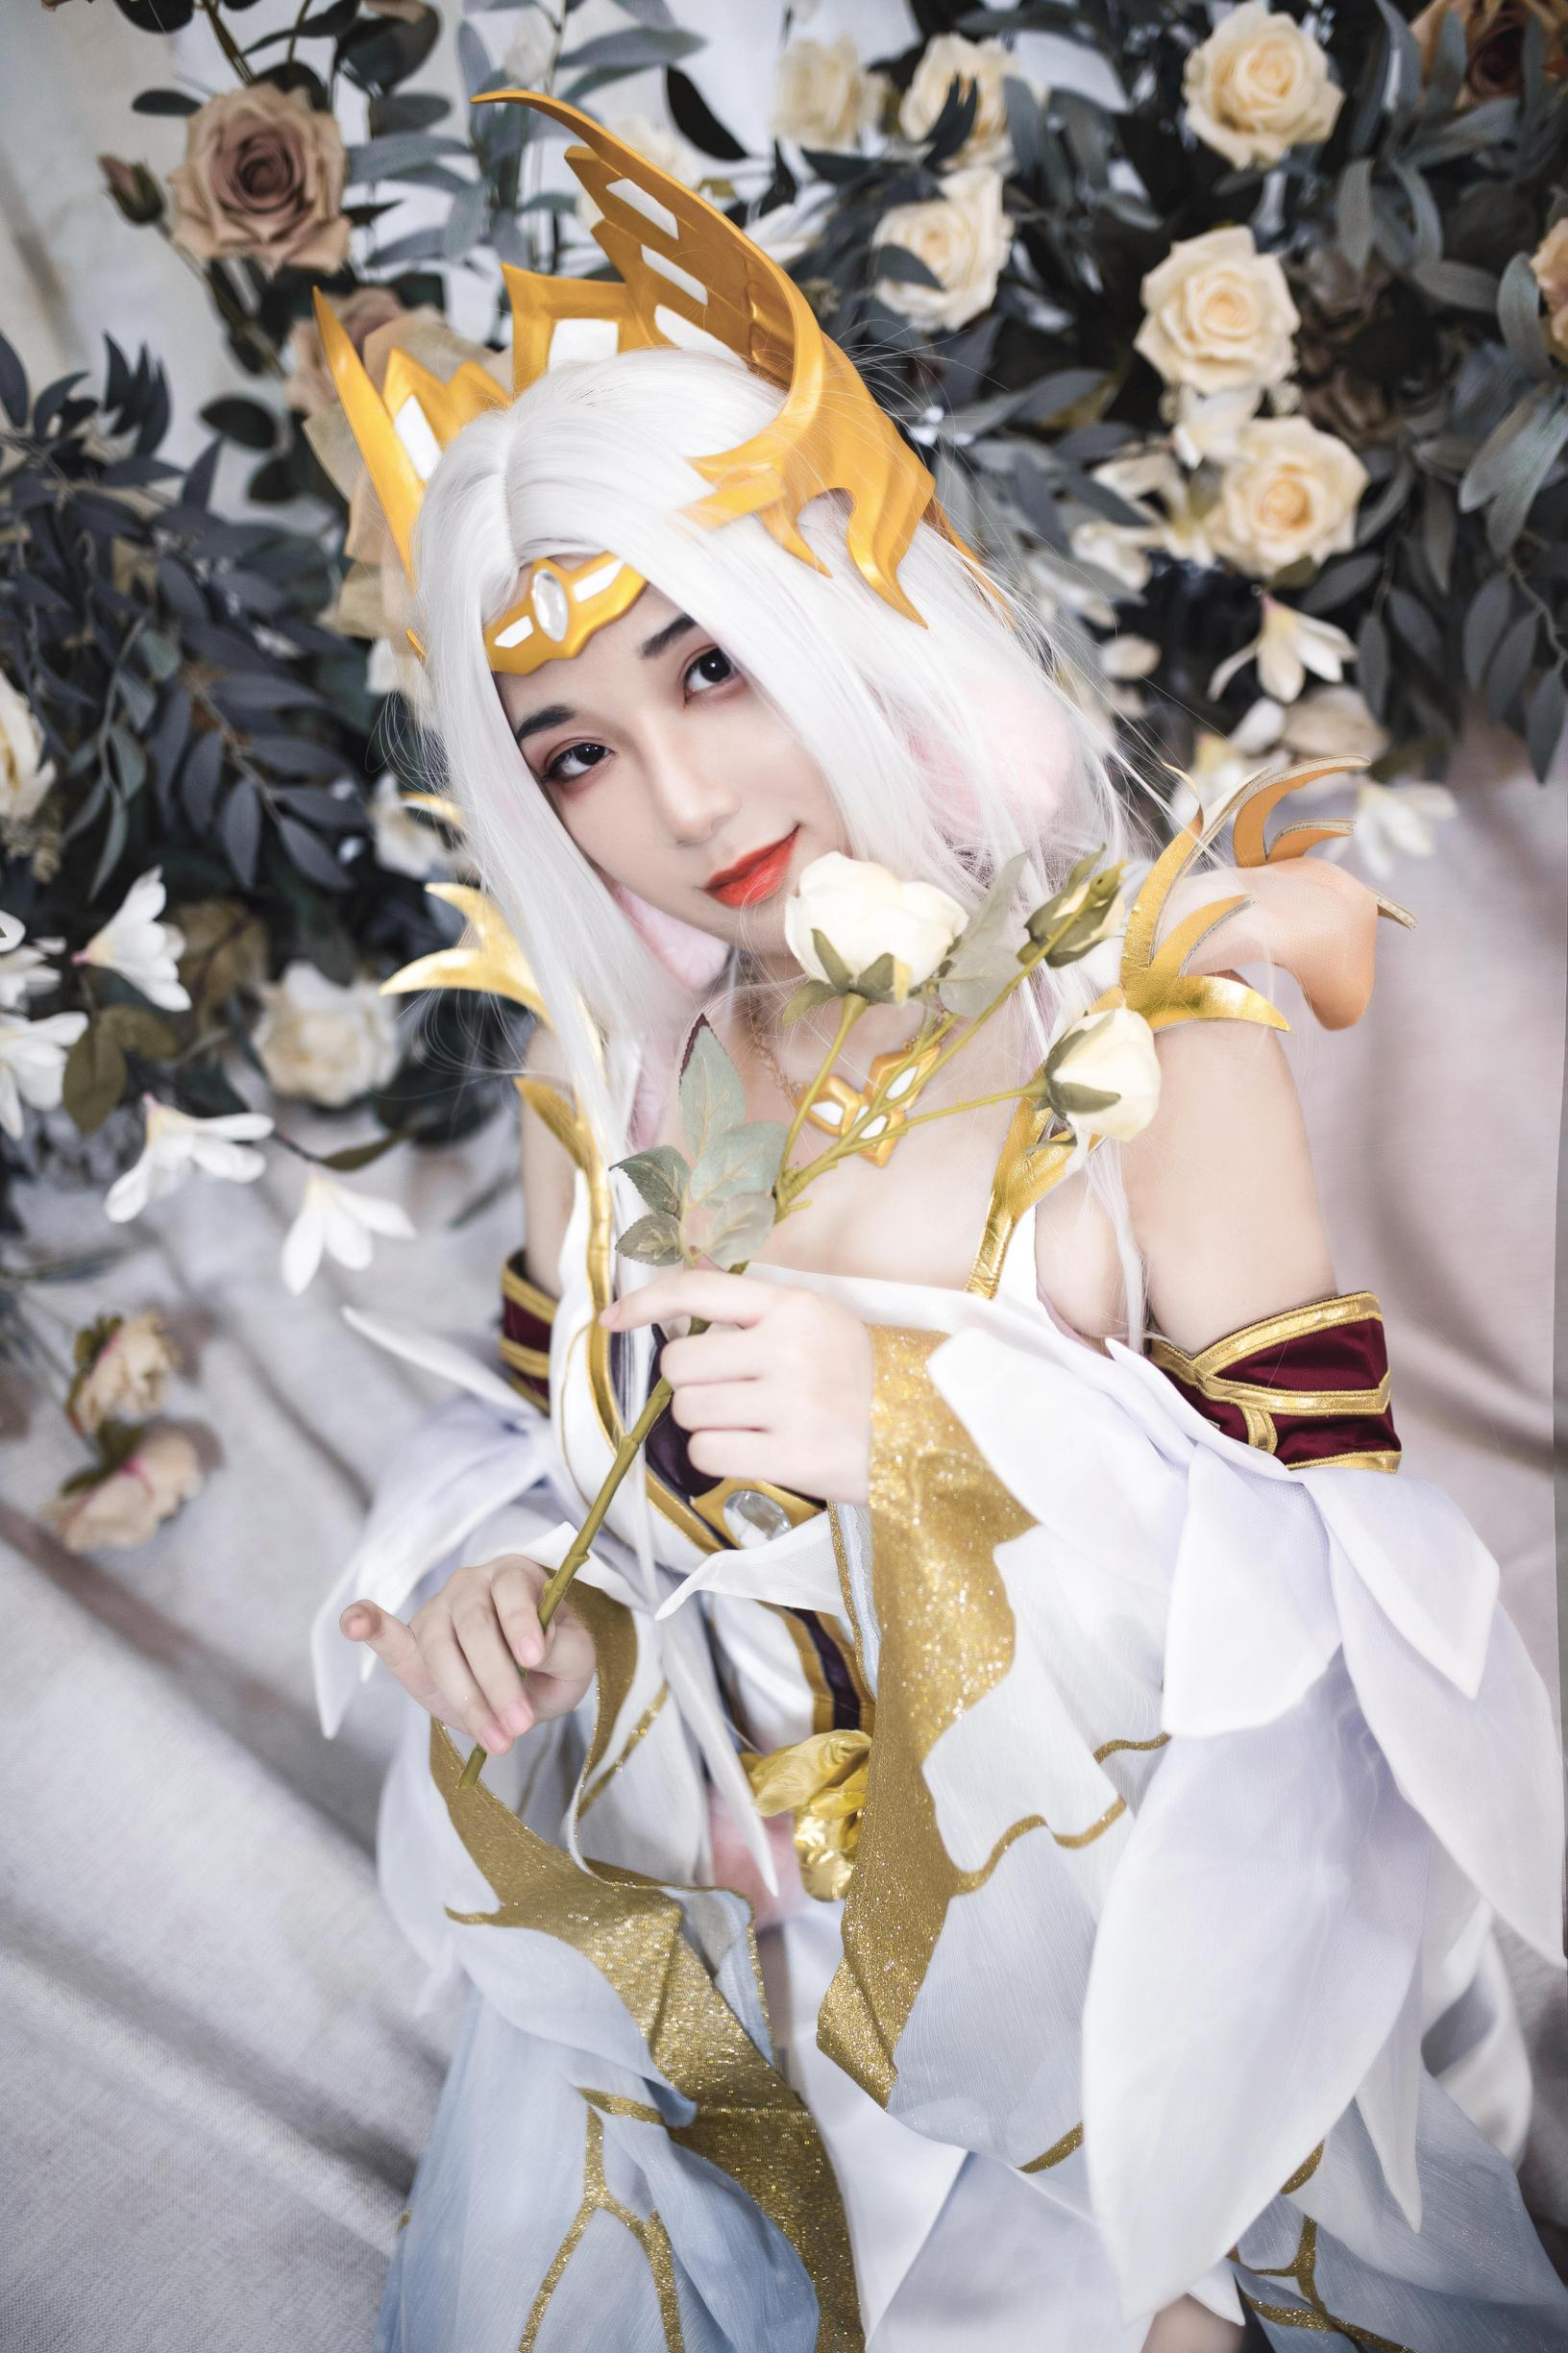 《王者荣耀》王者荣耀貂蝉cosplay【CN:阿音mew】-第5张